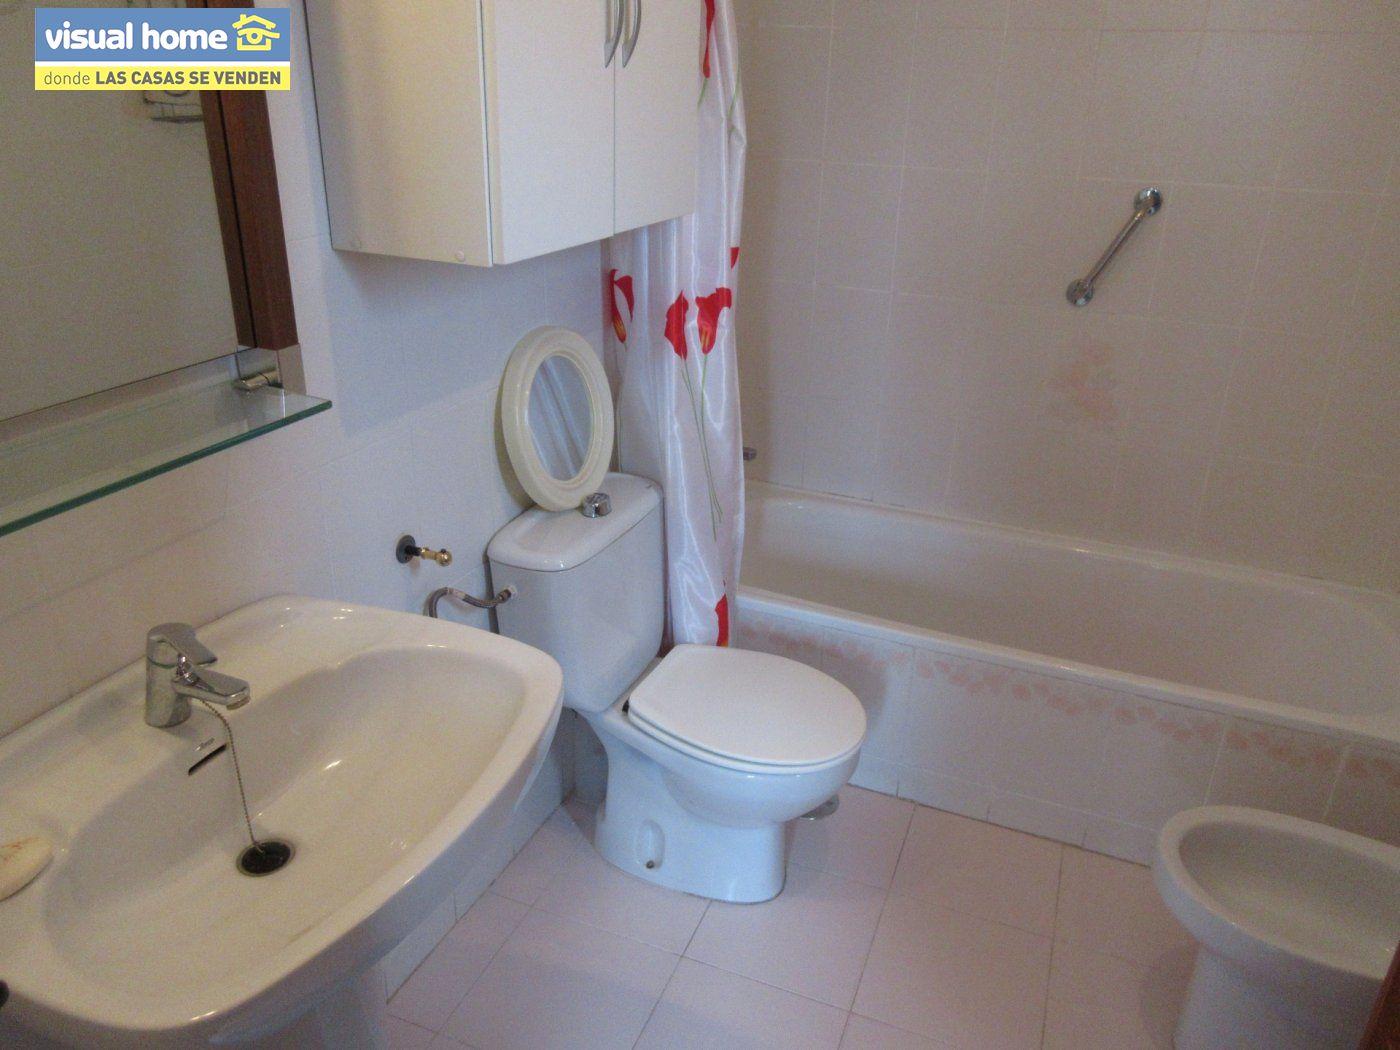 Piso con VISTAS AL MAR, con 3 dormitorios, 2 baños, GARAJE y TRASTERO 13